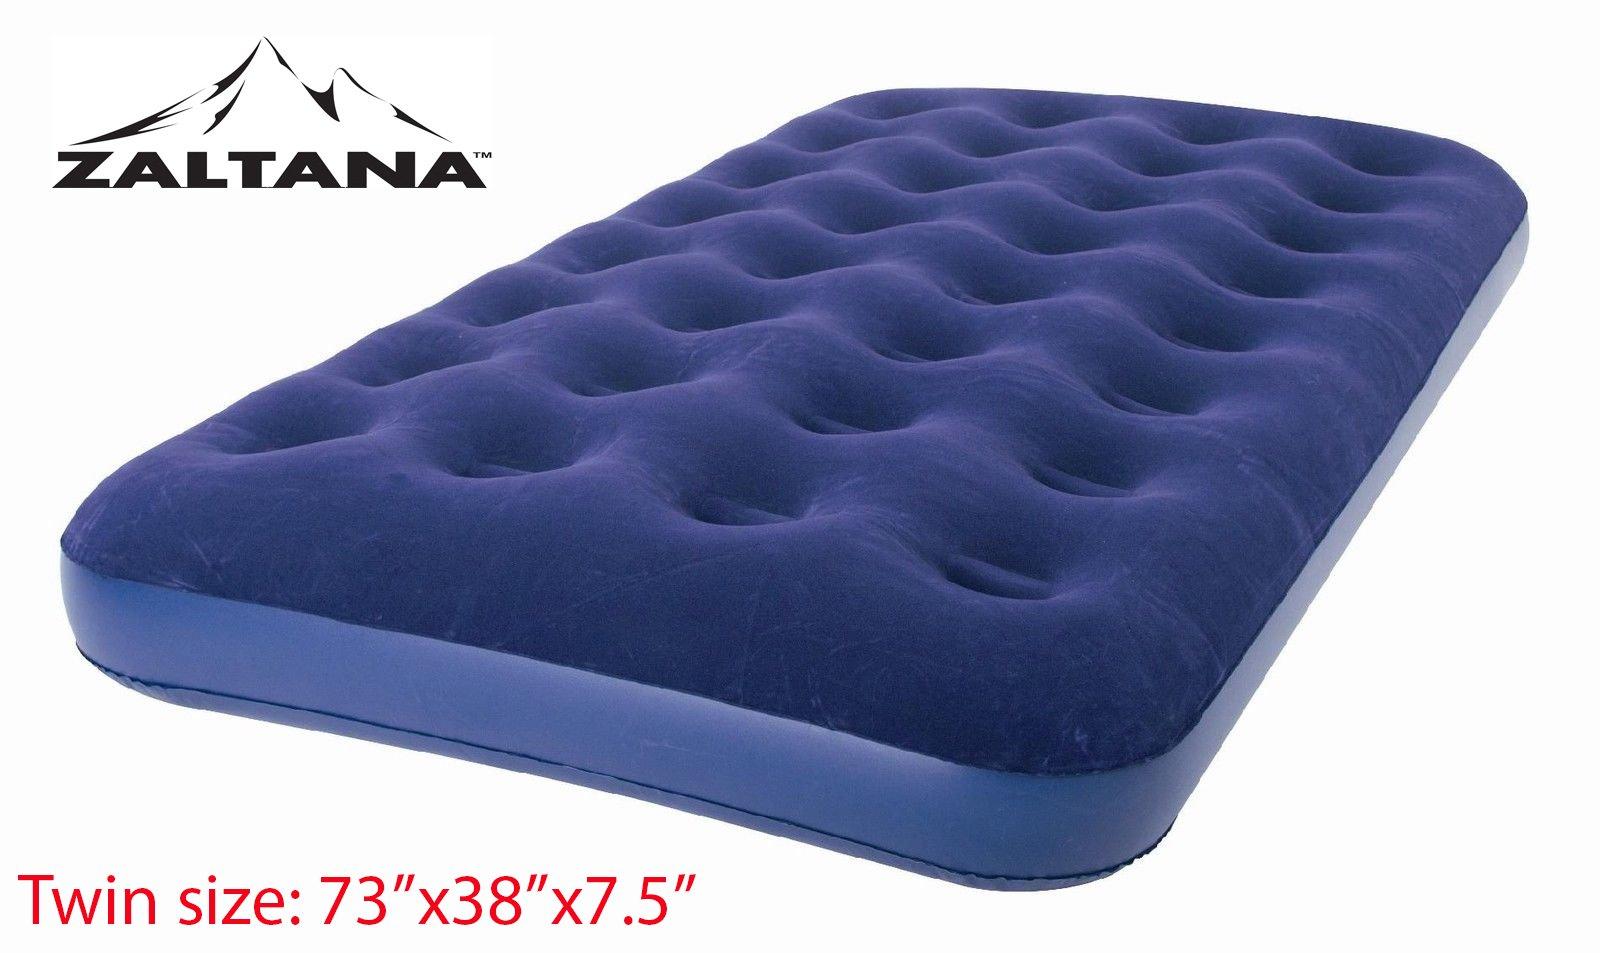 Zaltana Twin Size Air mattress (73''x38''x7.5'') Twin, Navy Blue AMT-N